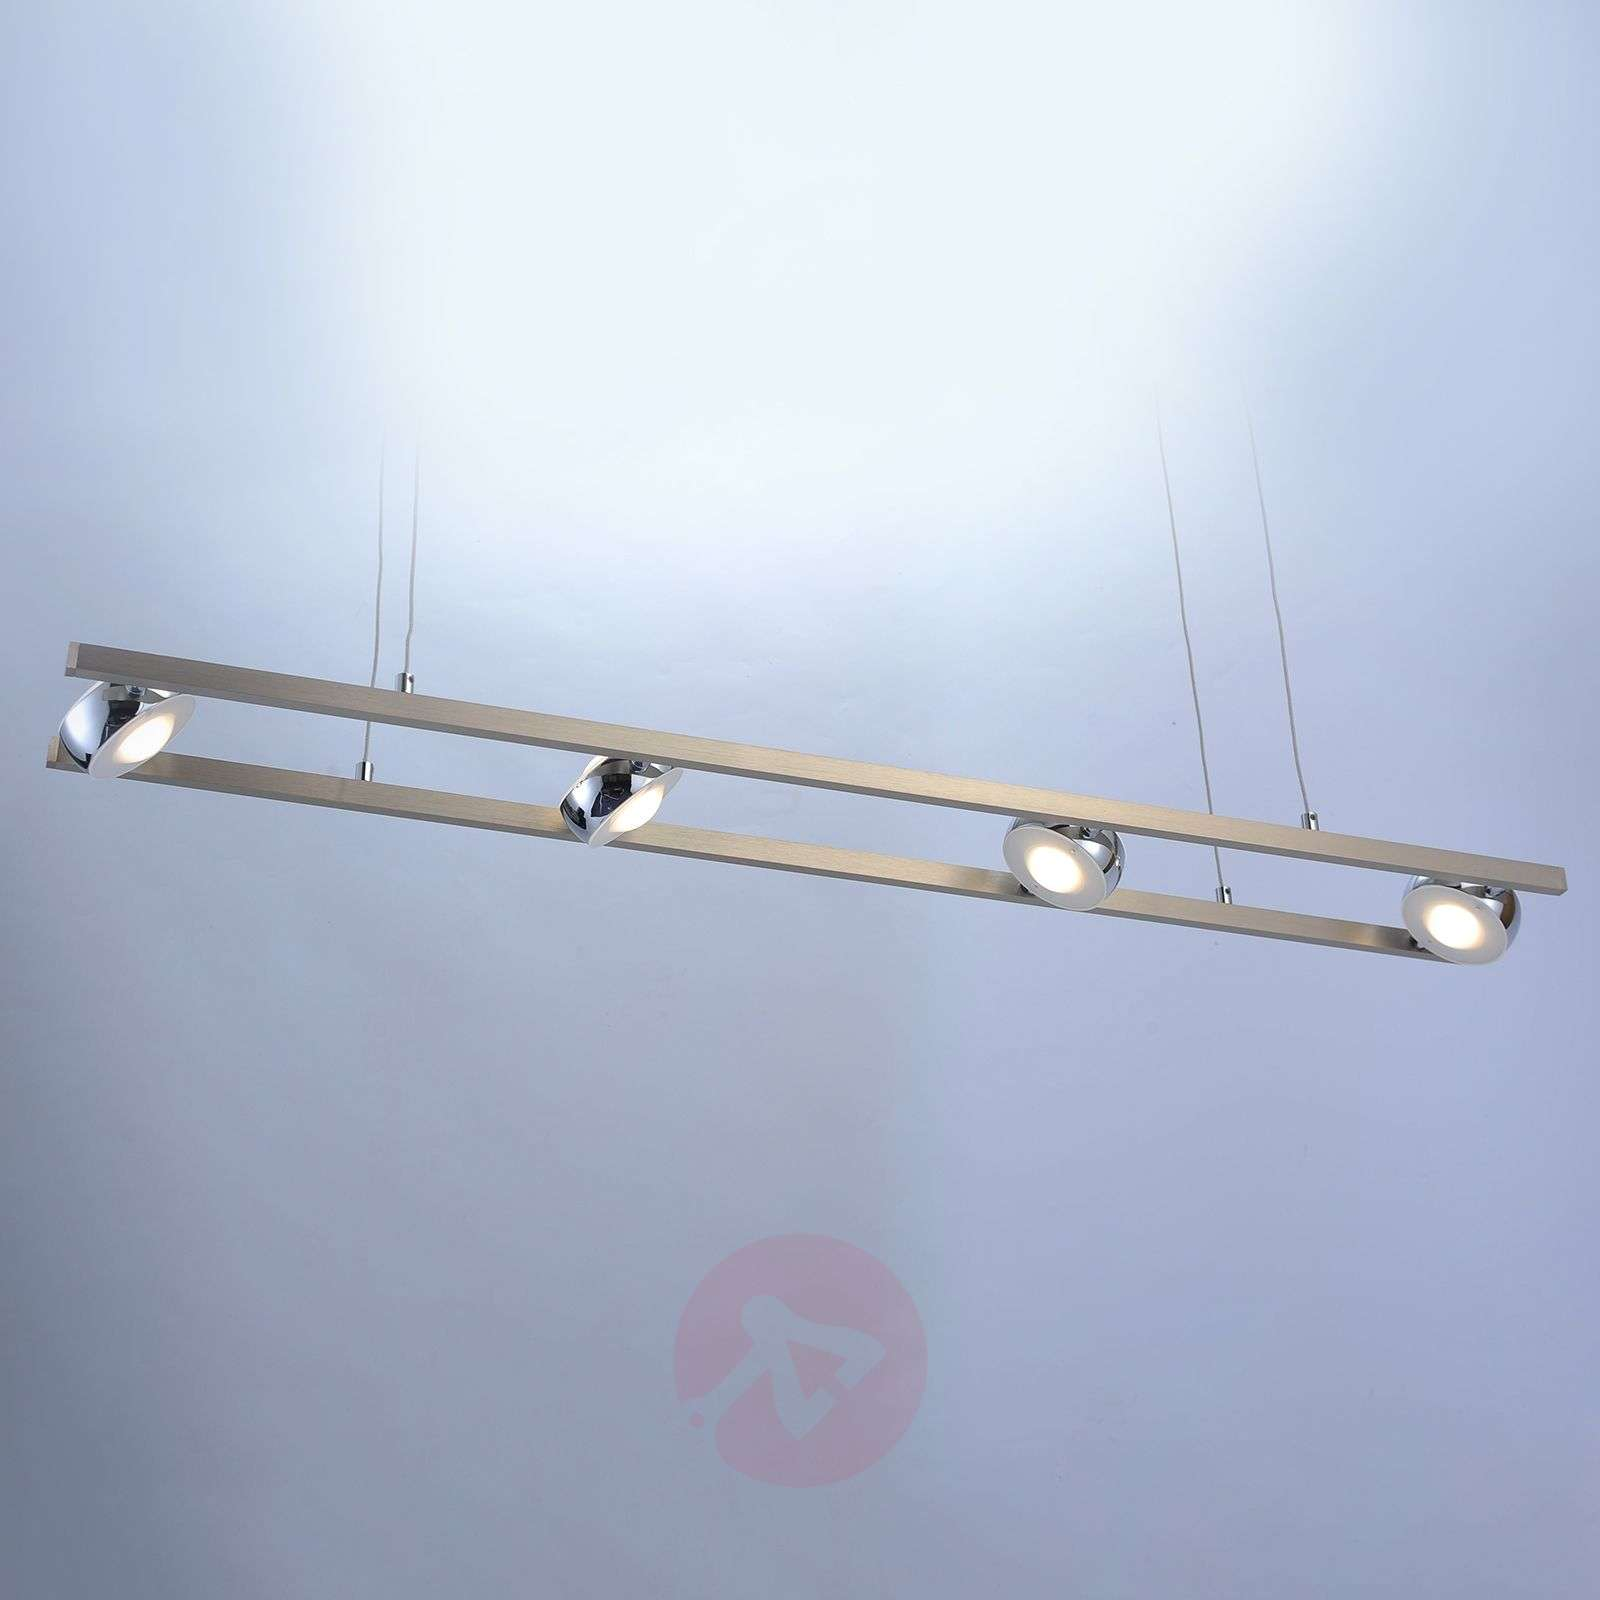 LED-riippuvalaisin Majvi RGBW, kaukosäädin-7620051-02